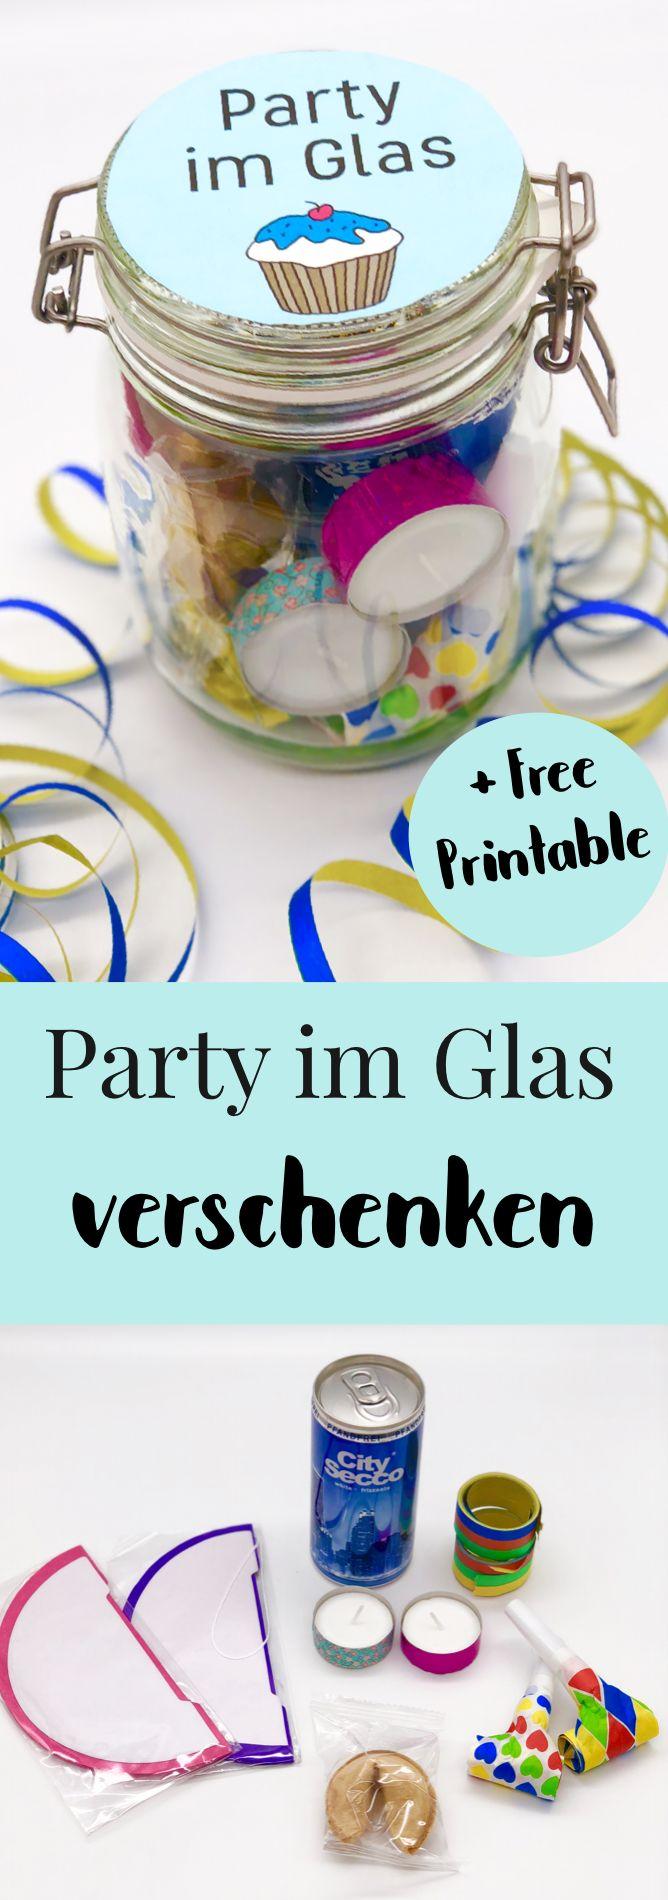 Süßes DIY Party Mitbringsel selber machen. DIY Geschenke verpacken im Glas - ideales Mitbringsel oder Gast Geschenk zum Geburtstag, Geschenk für ihn oder sie. Schöne Geschenkideen für die beste Freundin oder die Mama. #geschenkideen #geburtstag